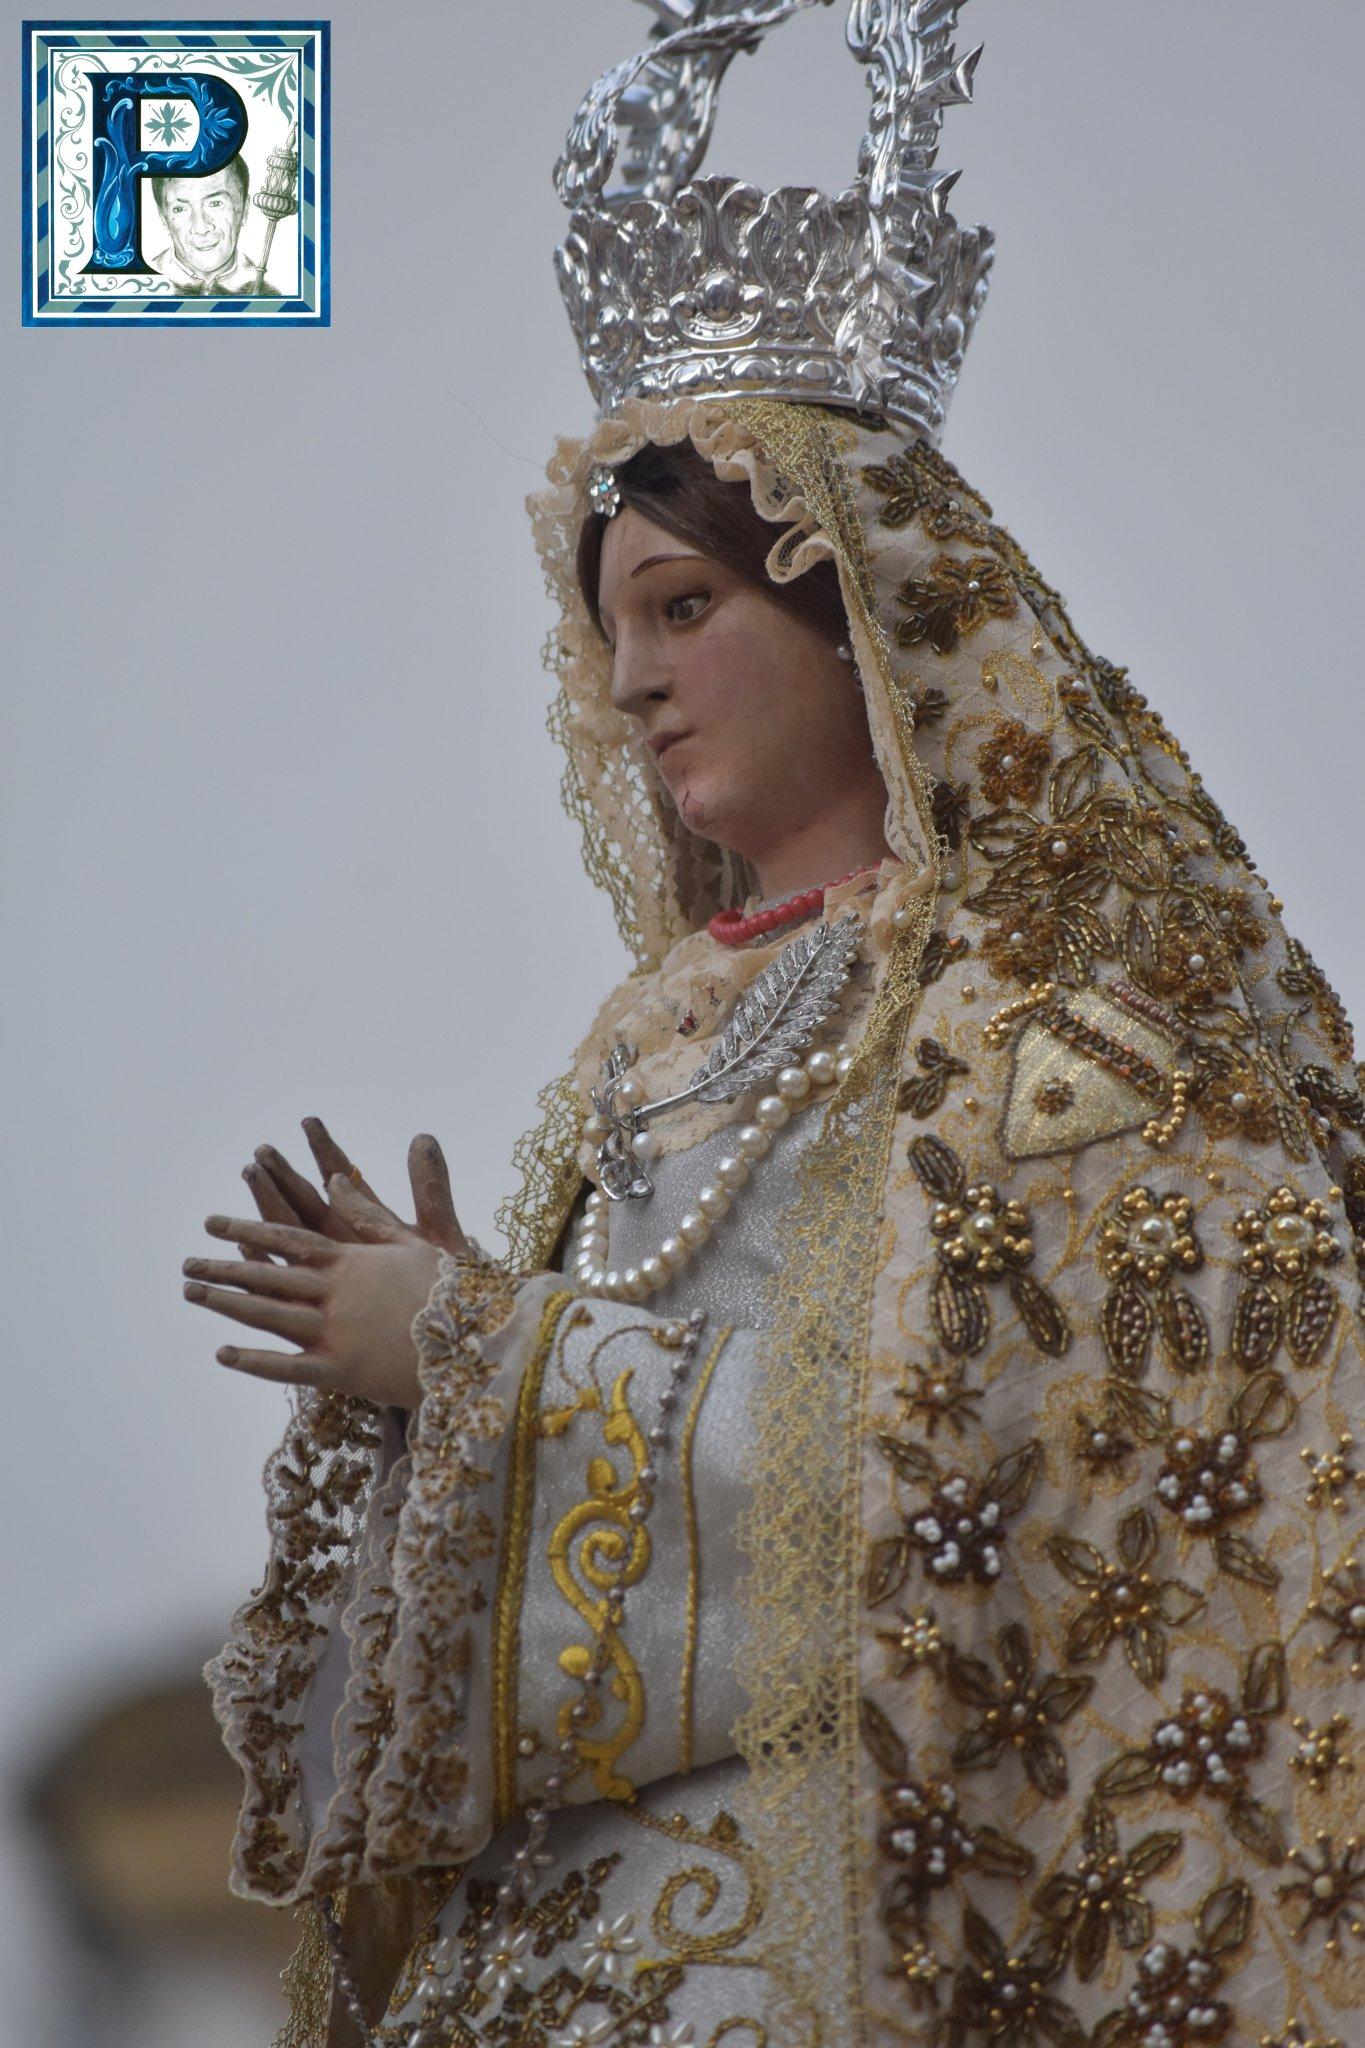 La procesión de la Virgen de la Palma y la Santa Cruz de la Sagrada Lanzada desde el objetivo de Lucas Álvarez